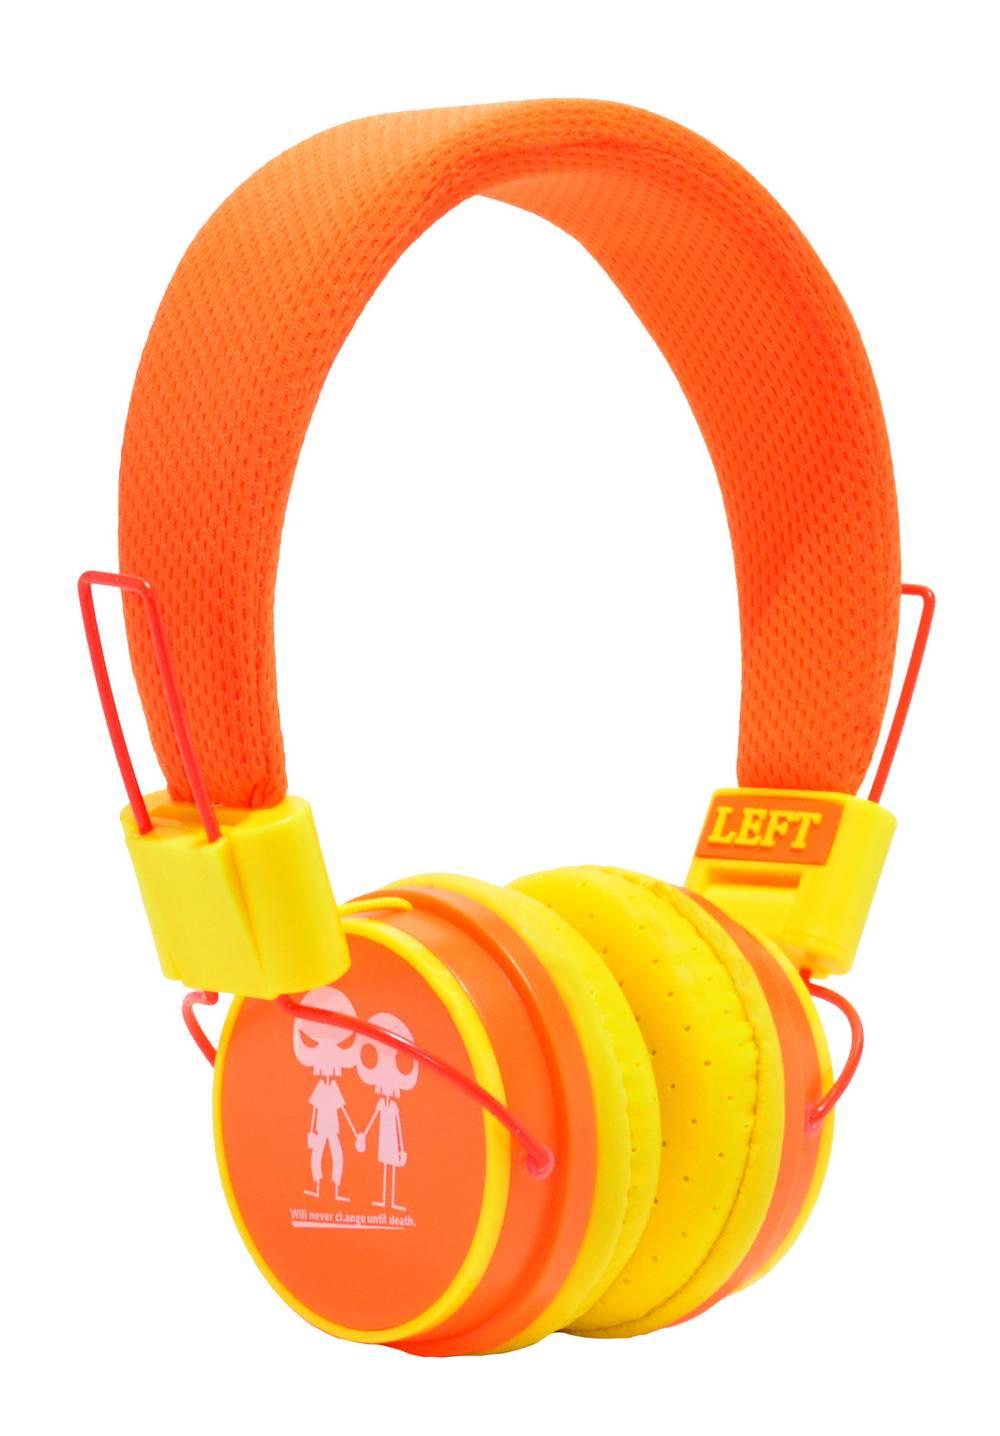 Ακουστικά Stereo Baby EP-15 3.5 mm Πορτοκαλί - Κίτρινο με Μικρόφωνο, Πλήκτρο Απάντησης για Κινητά, mp3, mp4 και Συσκευές Ήχου